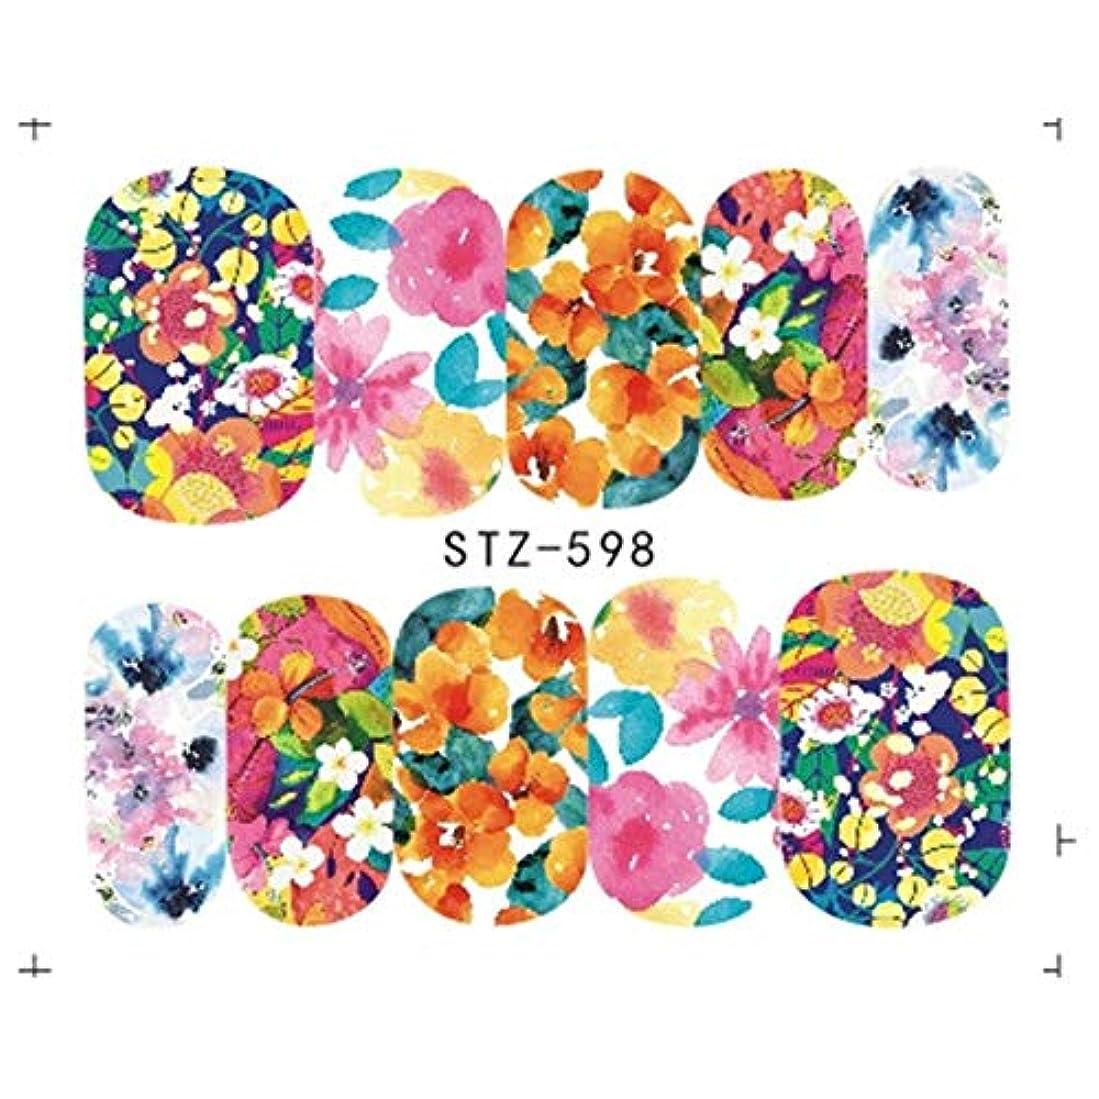 作成するアライアンス愛するSUKTI&XIAO ネイルステッカー 1ピース咲く花フローラ水転写ネイルアートステッカーデカールスライダーマニキュアラップツールチップ装飾